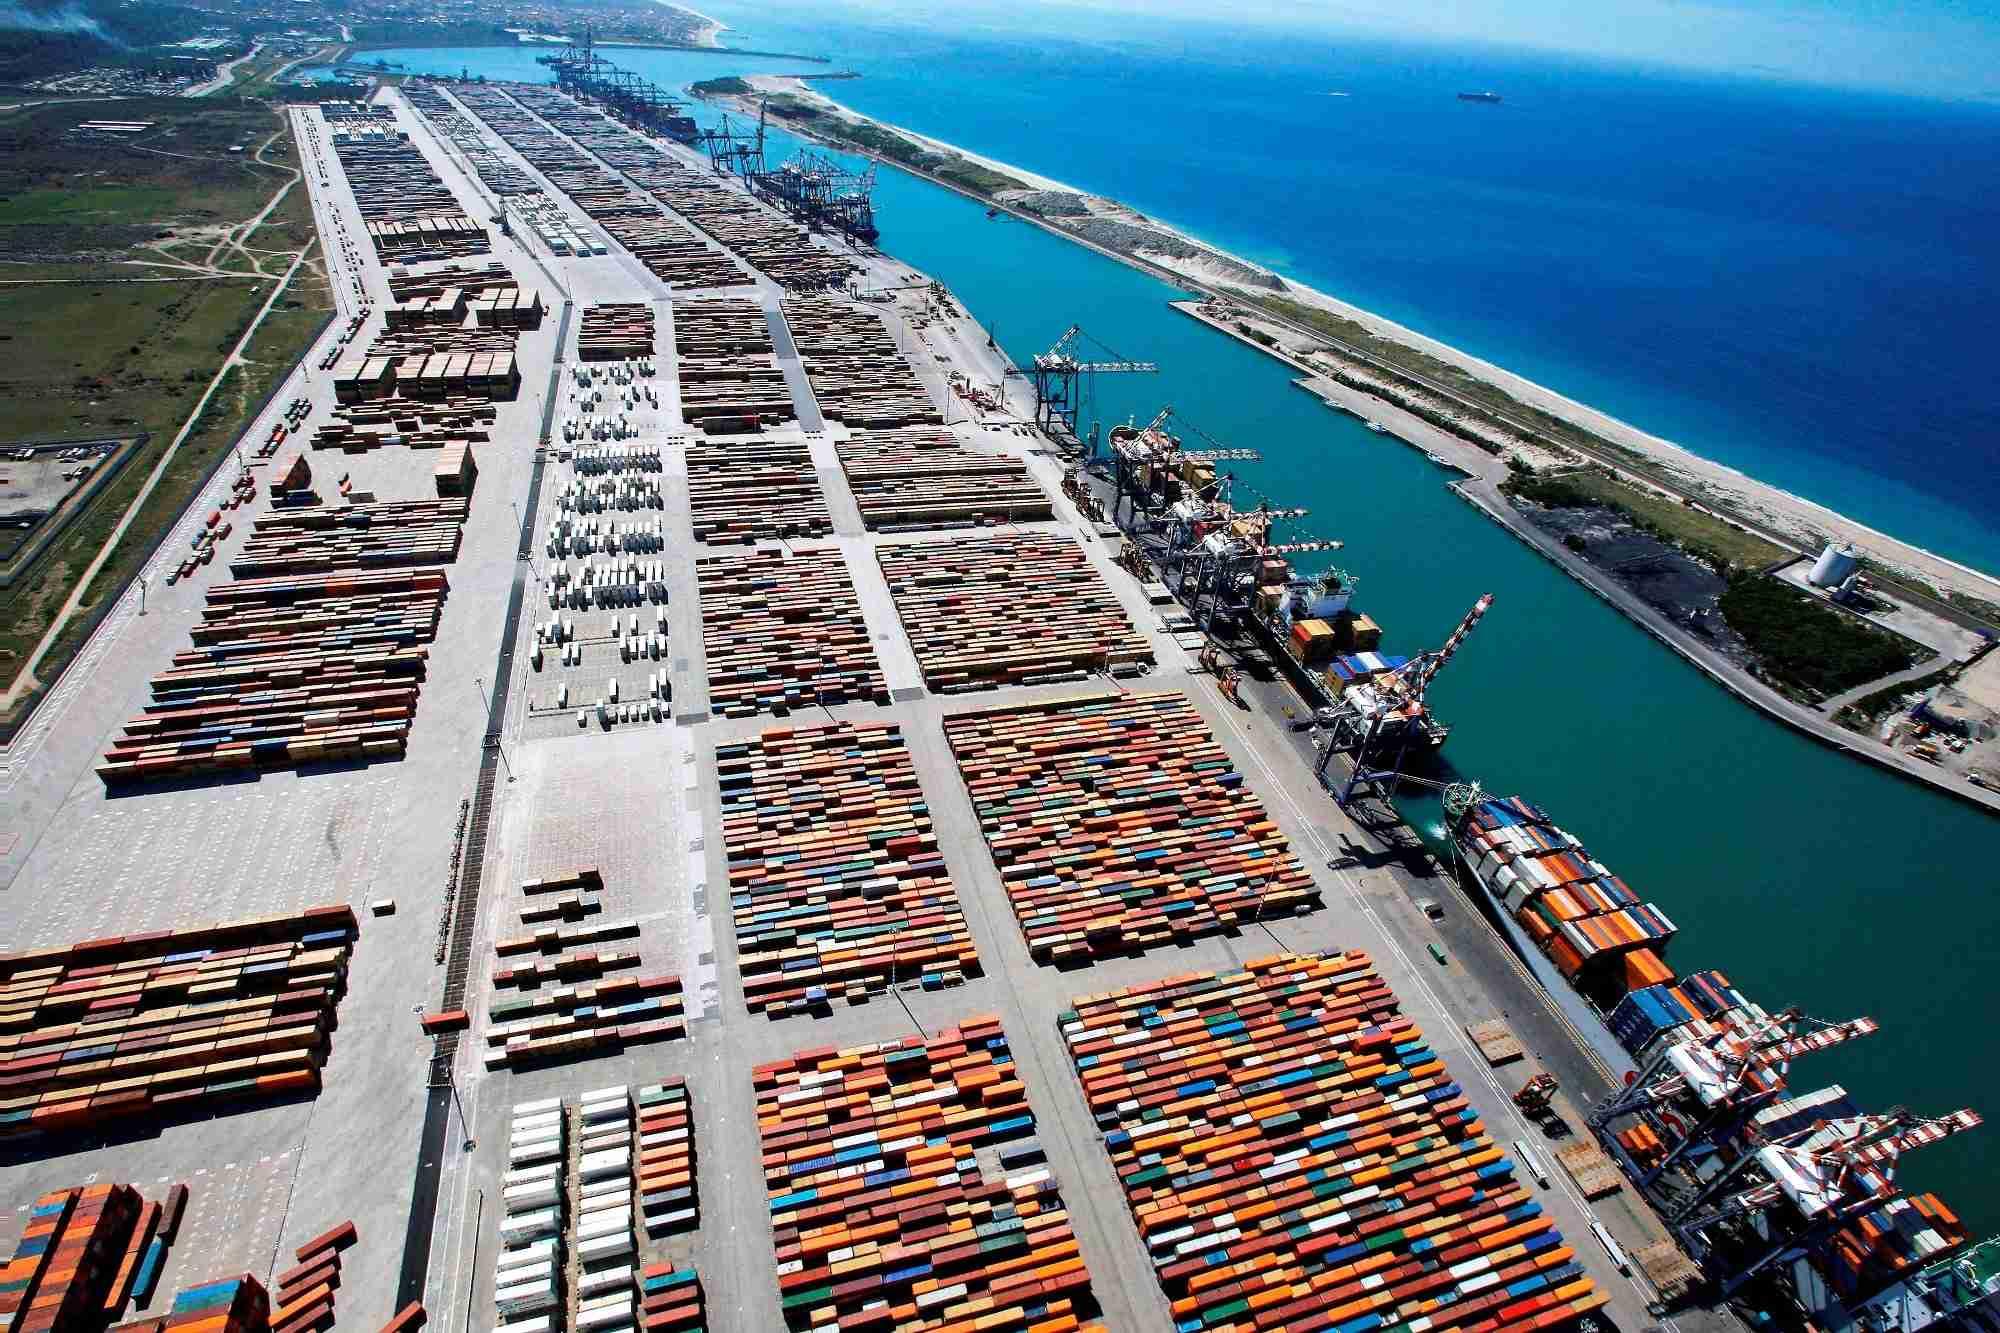 Truffa: frode sui contributi industriali, confisca a Gioia Tauro